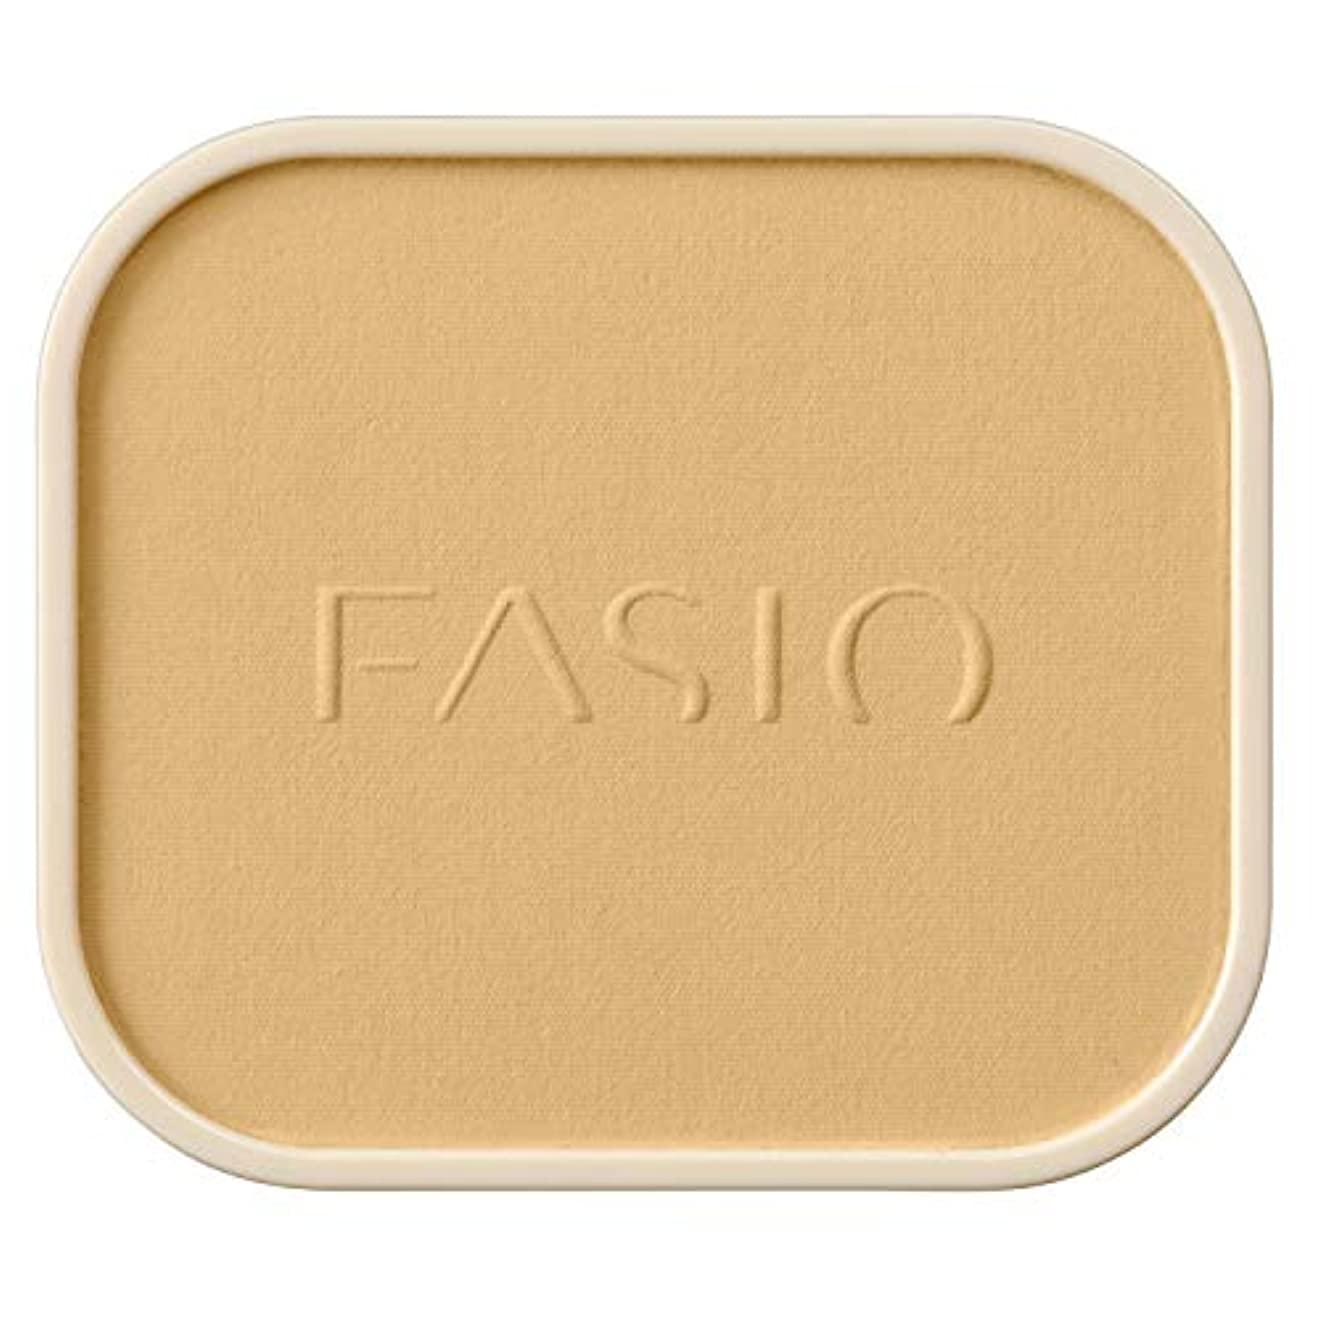 価格抽象化段階ファシオ ラスティング ファンデーション WP ベージュオークル 310 10g